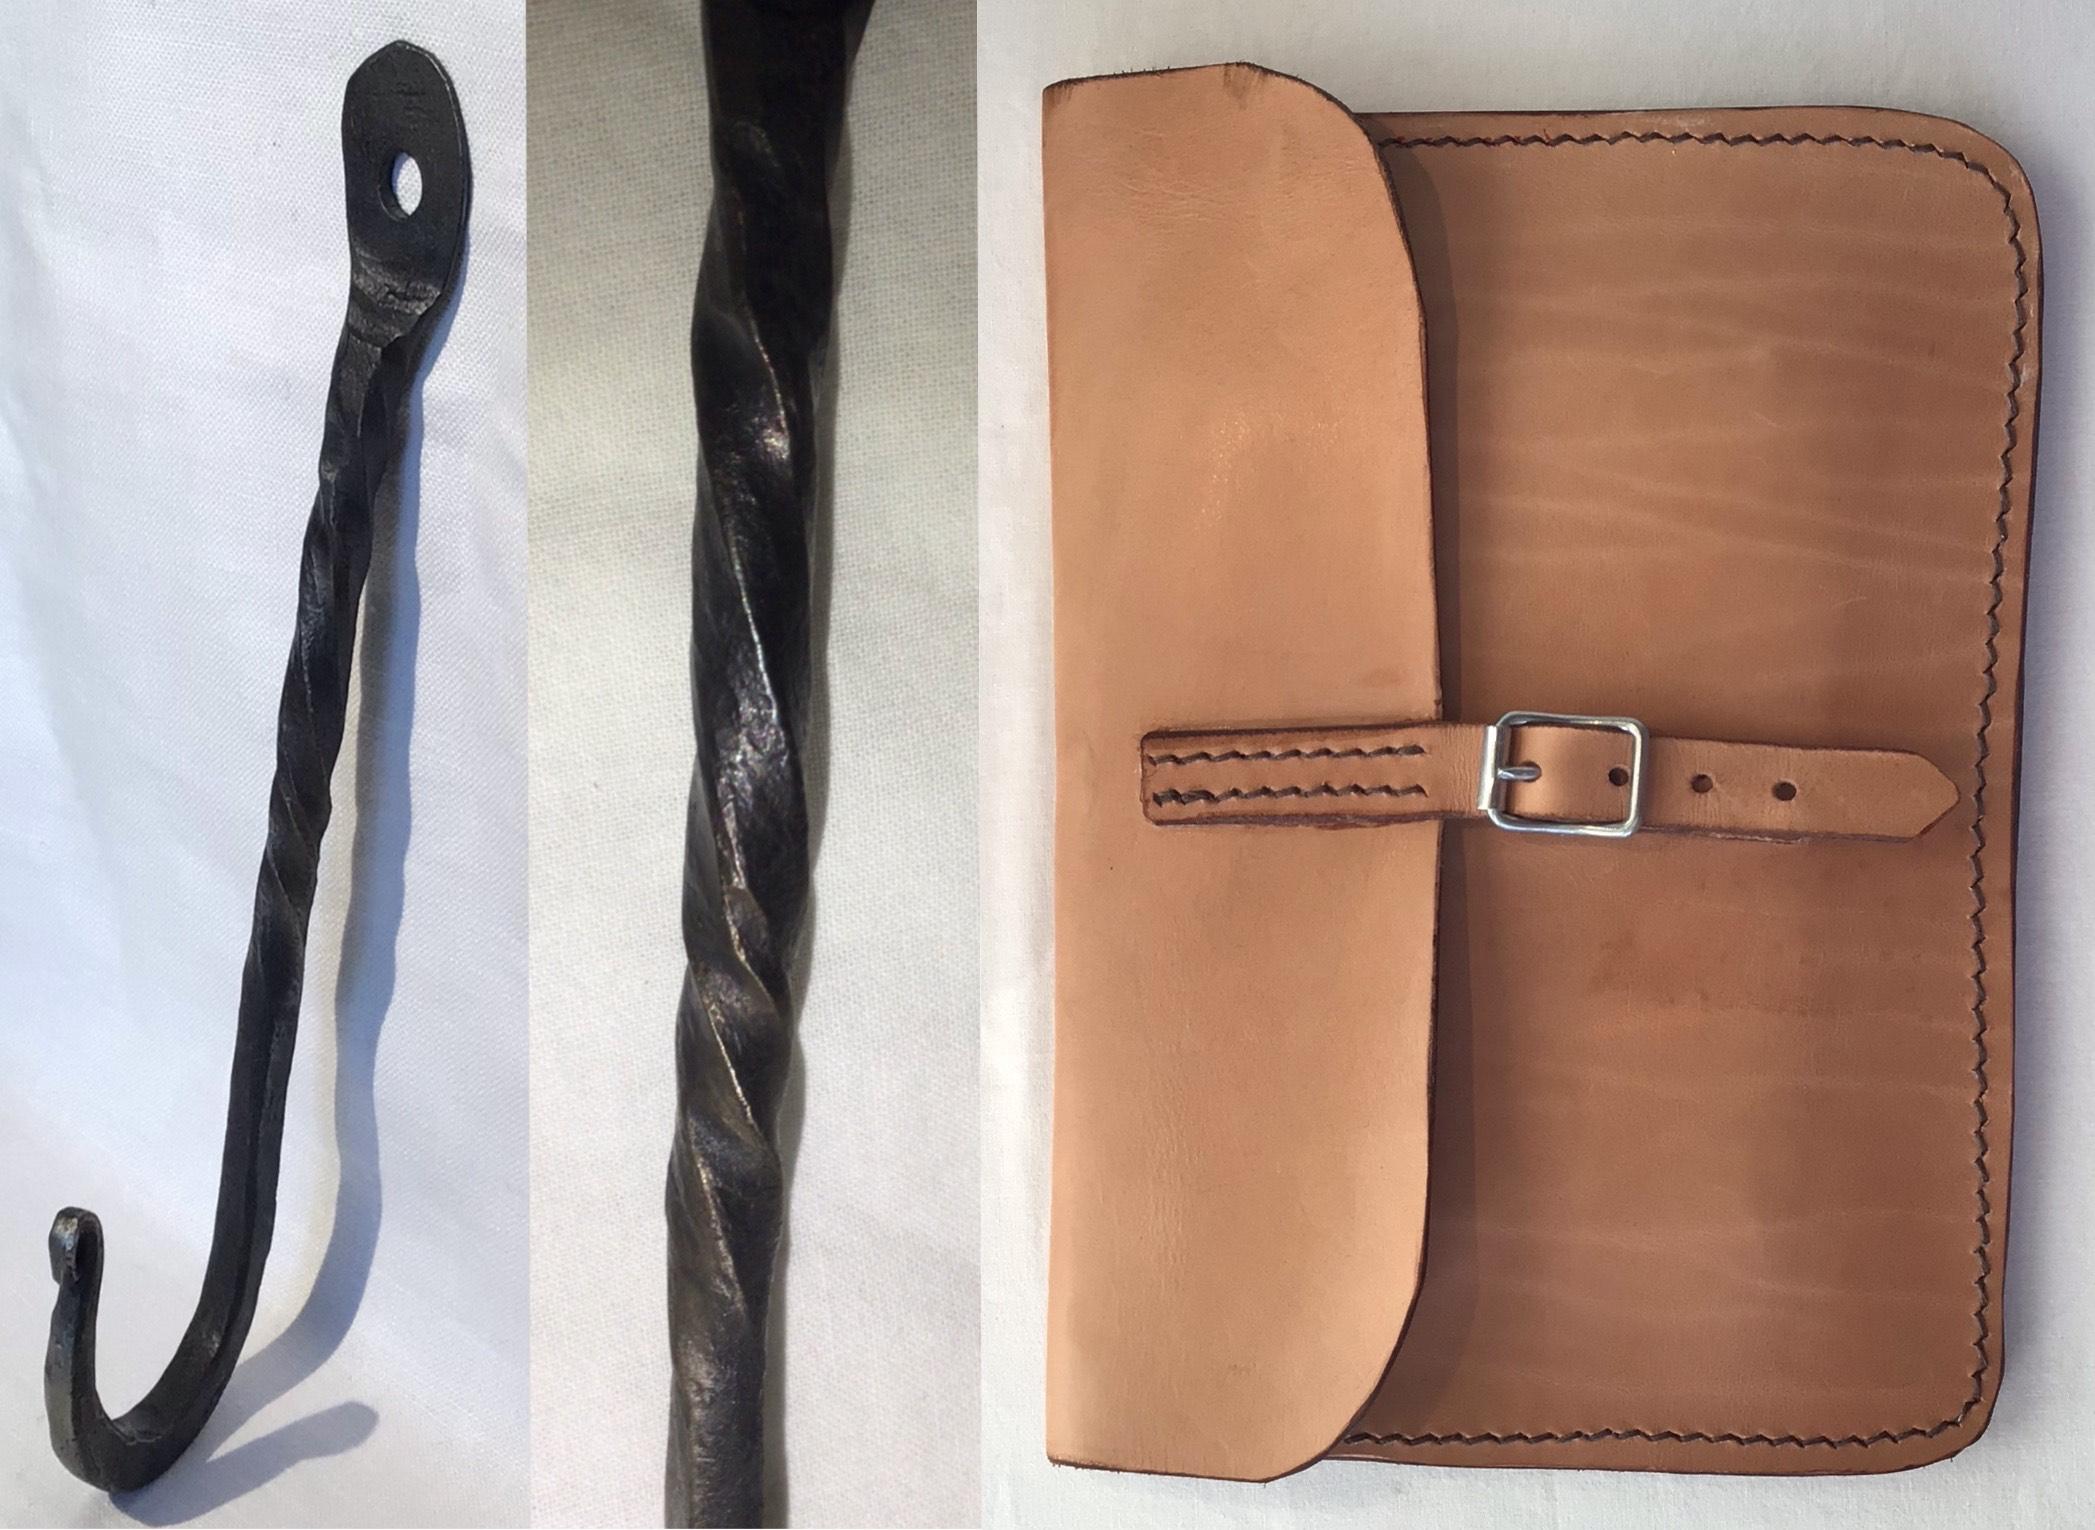 En smidd, vriden och lång järnkrok. En handsydd kuvertväska i ljust läder med spänne.